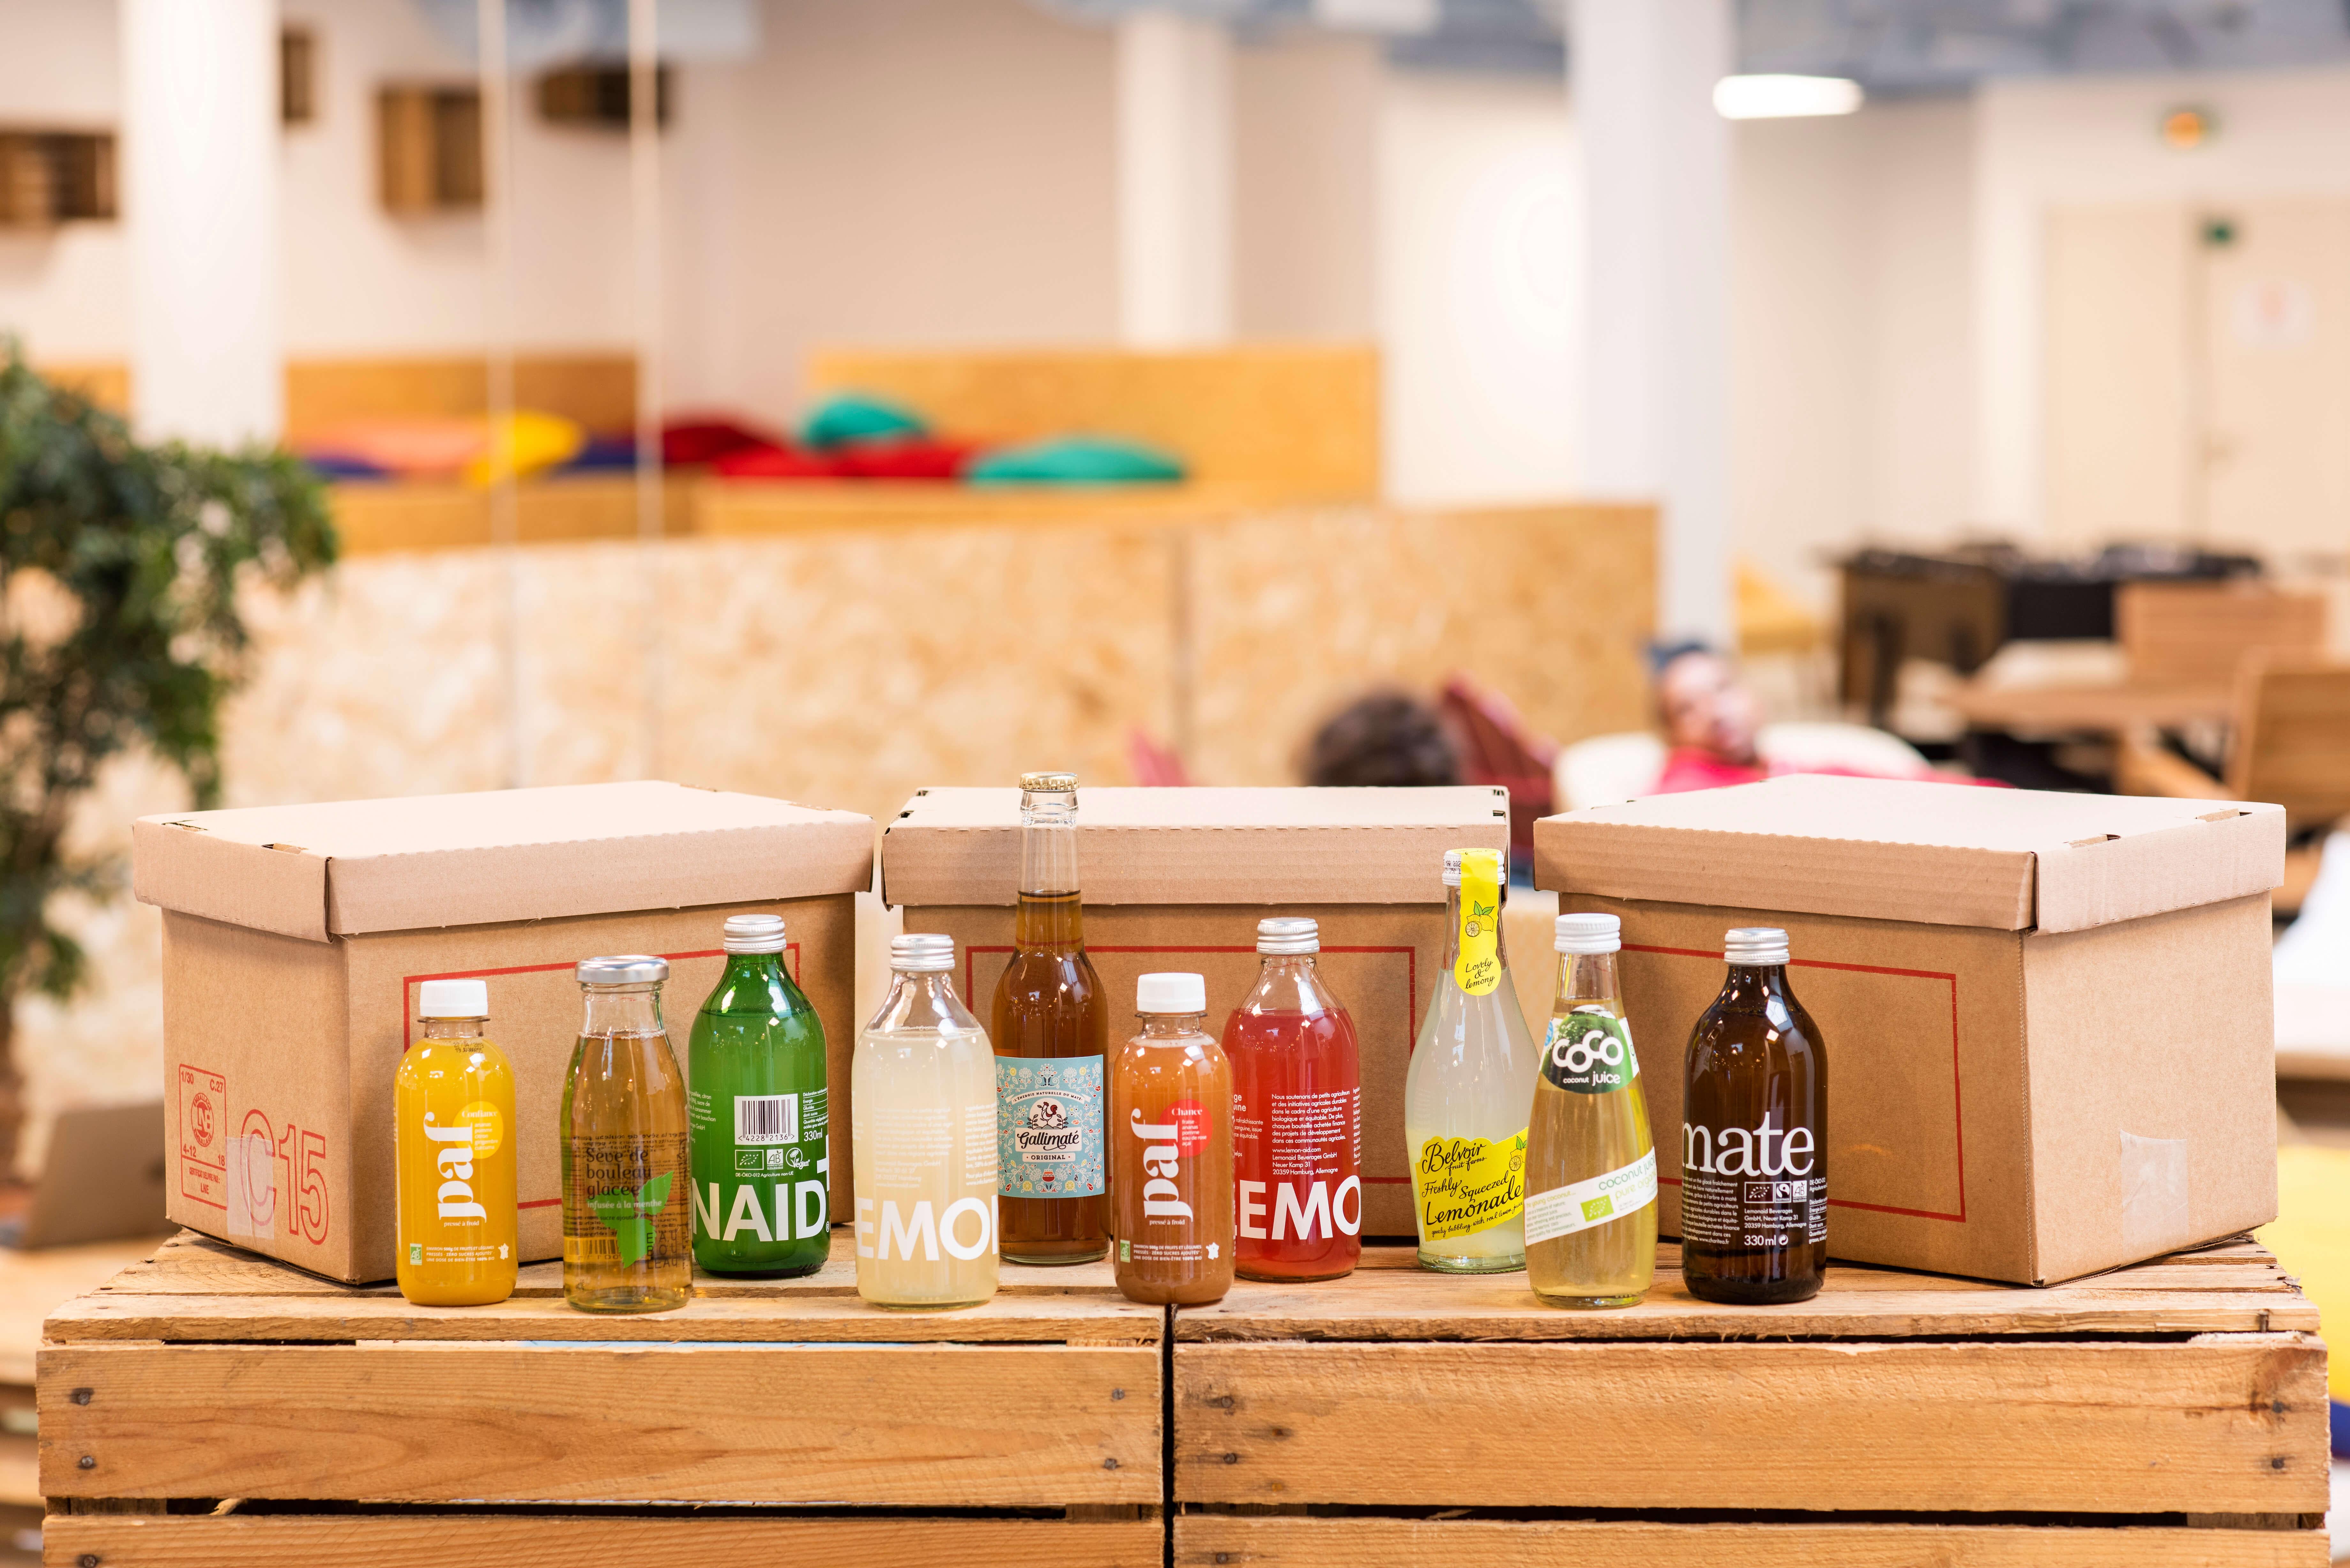 varias cajas junto a botellas de zumo